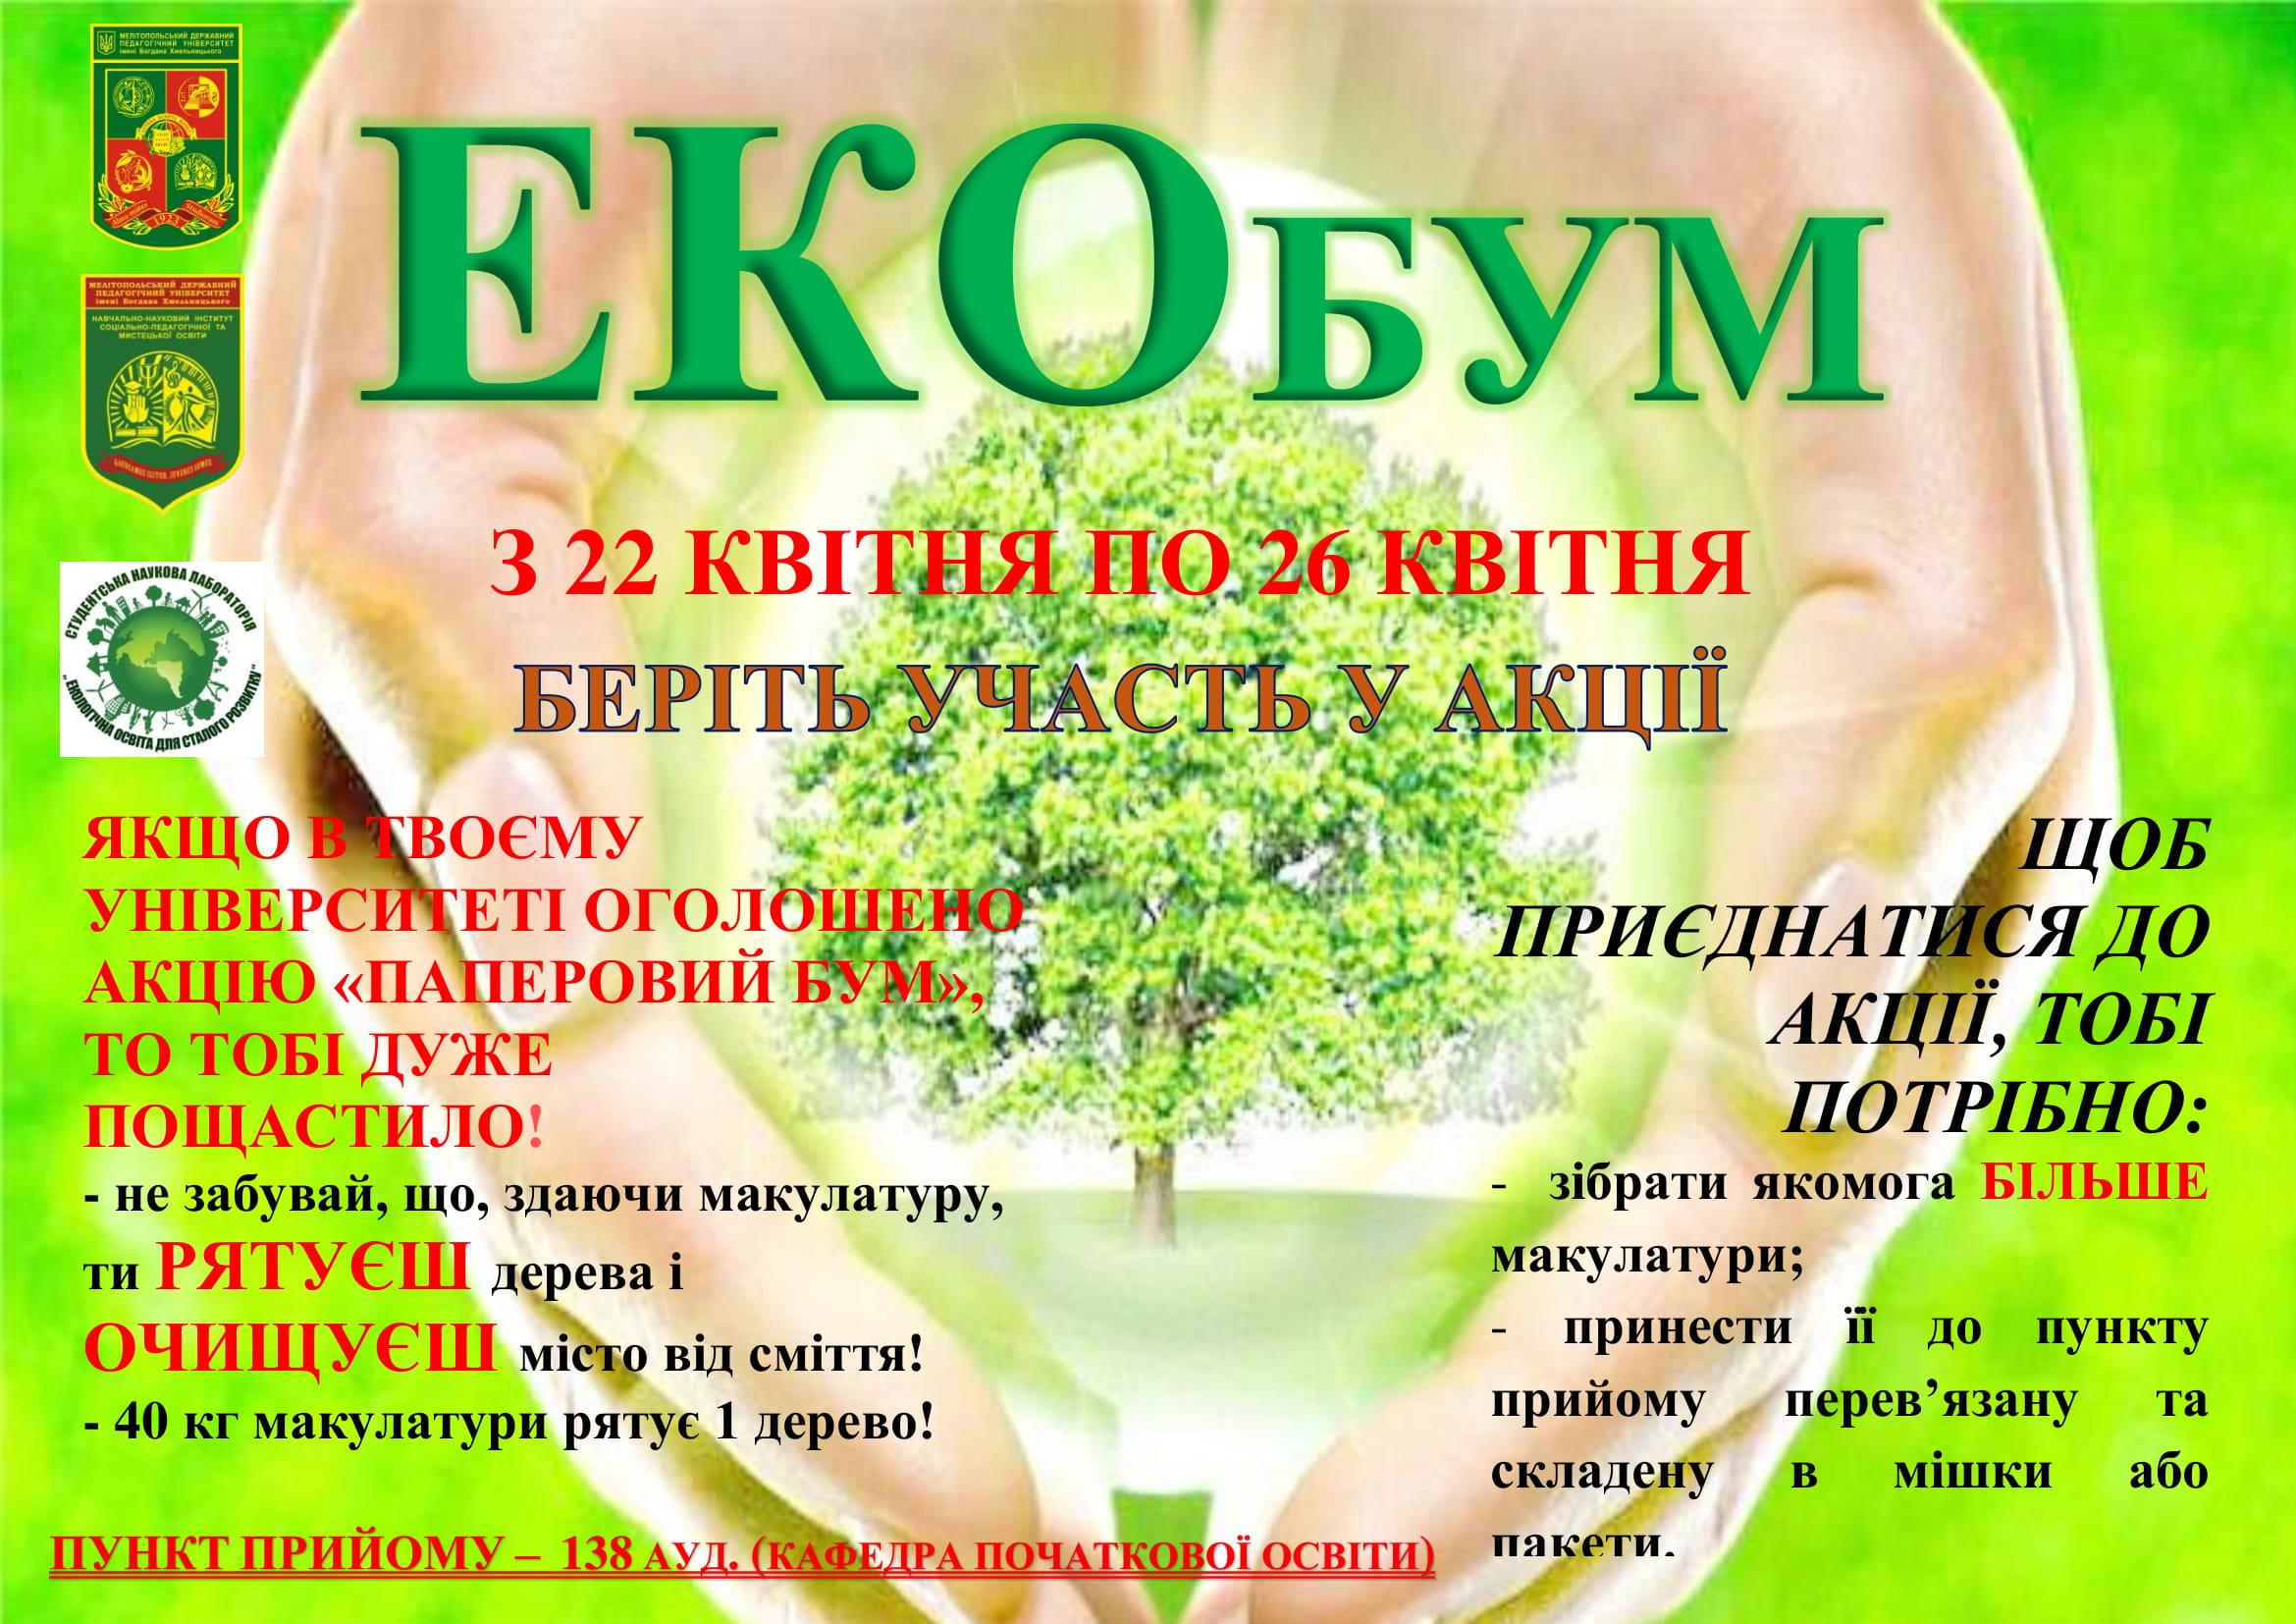 Запрошуємо на ЕКОбум